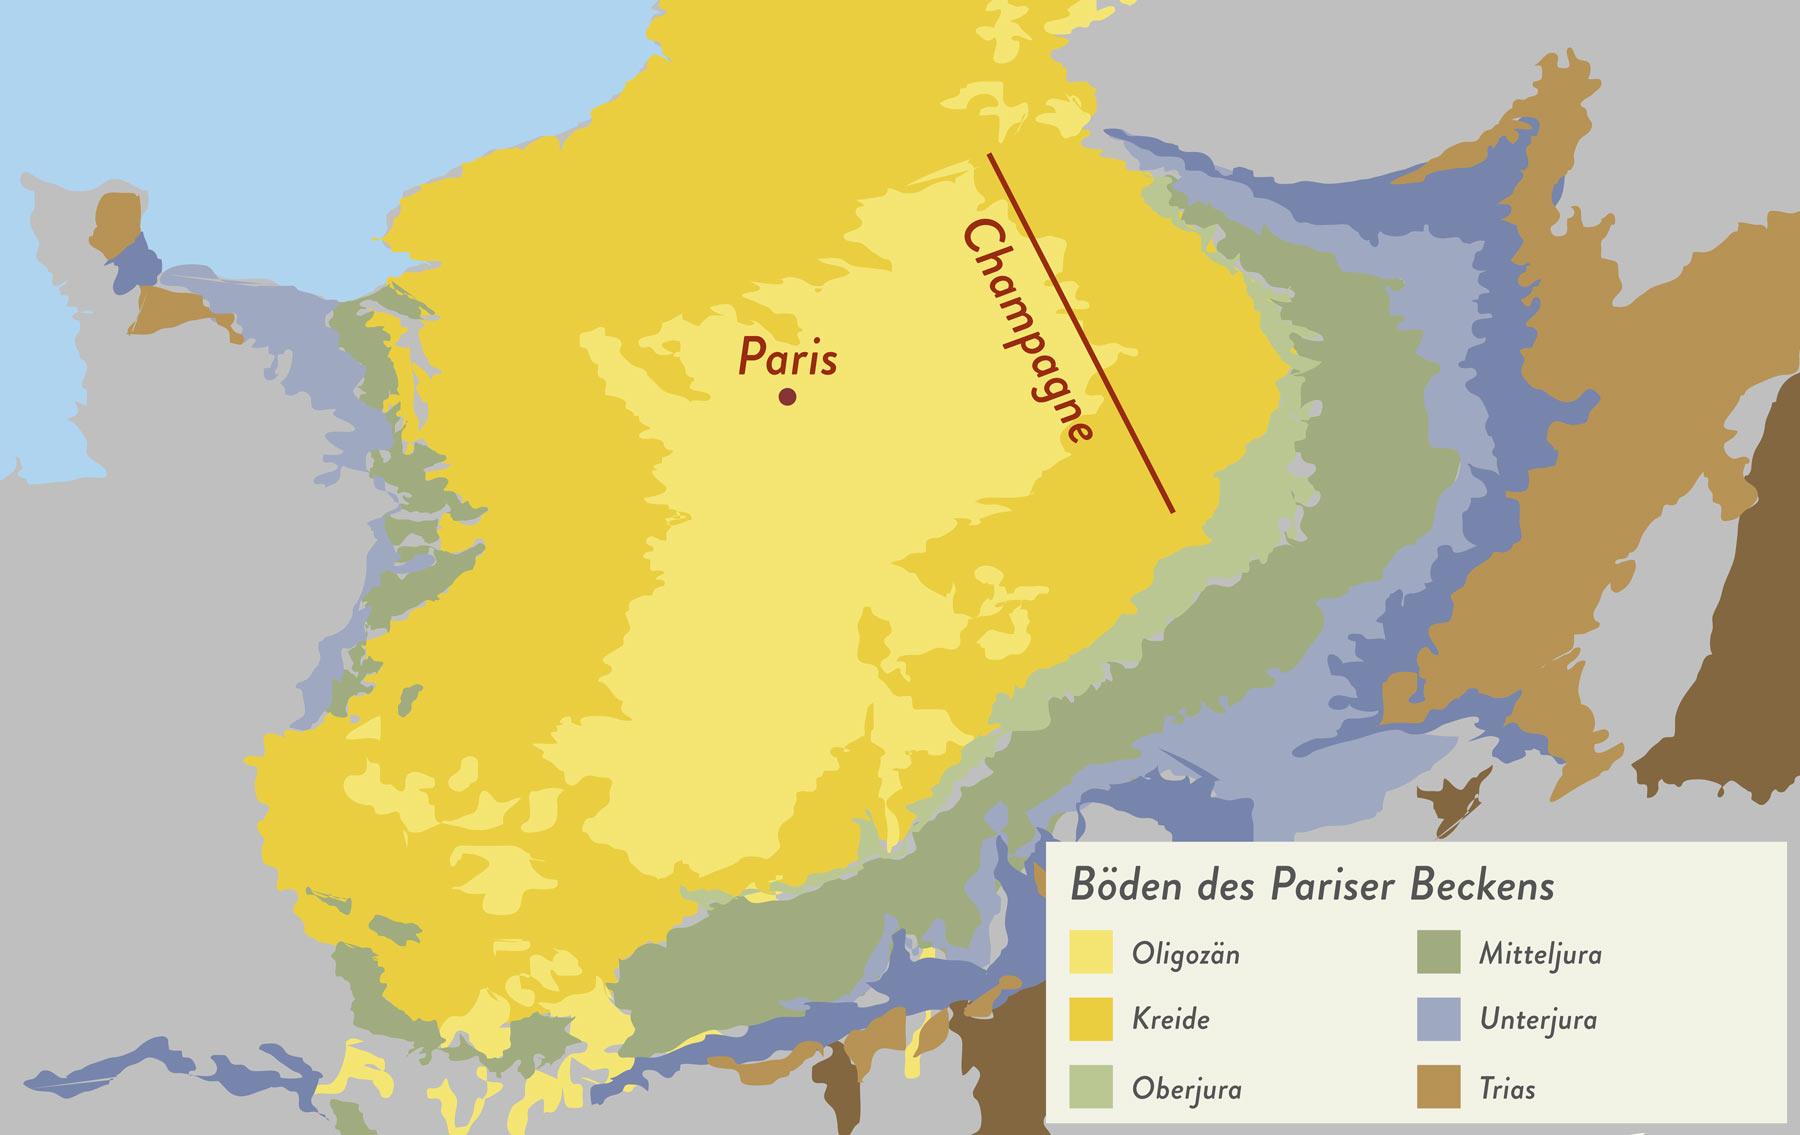 Die Verteilung der Böden im Pariser Becken